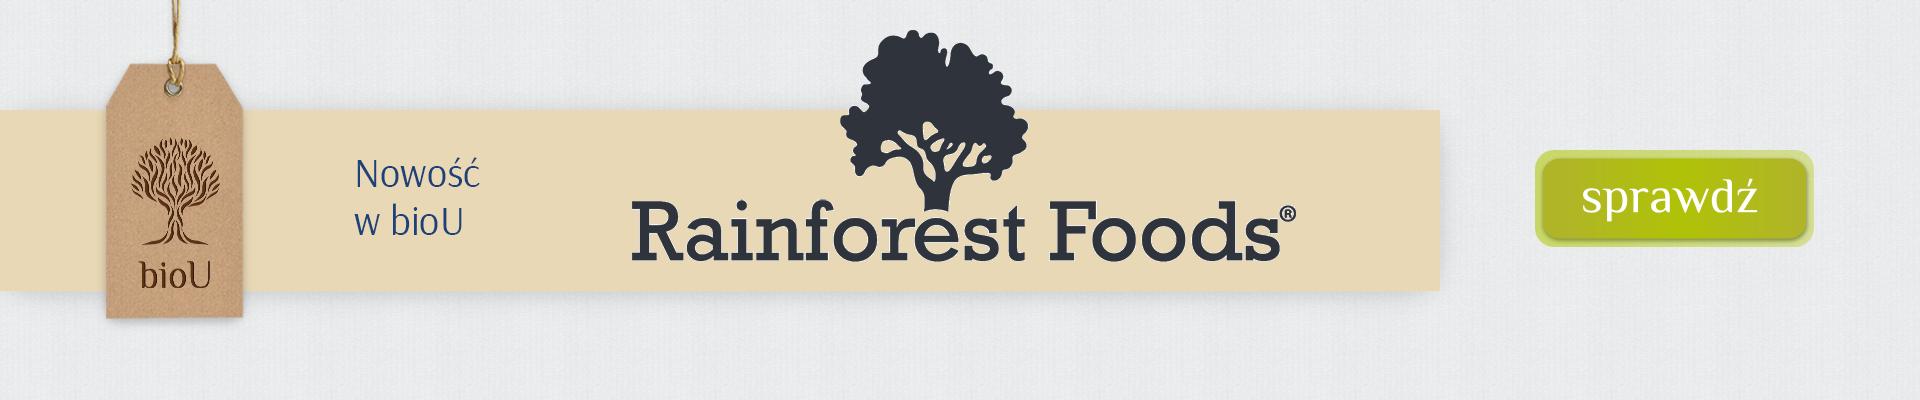 Sprawdź nowość w bioU - produkty marki Rainforest Food.